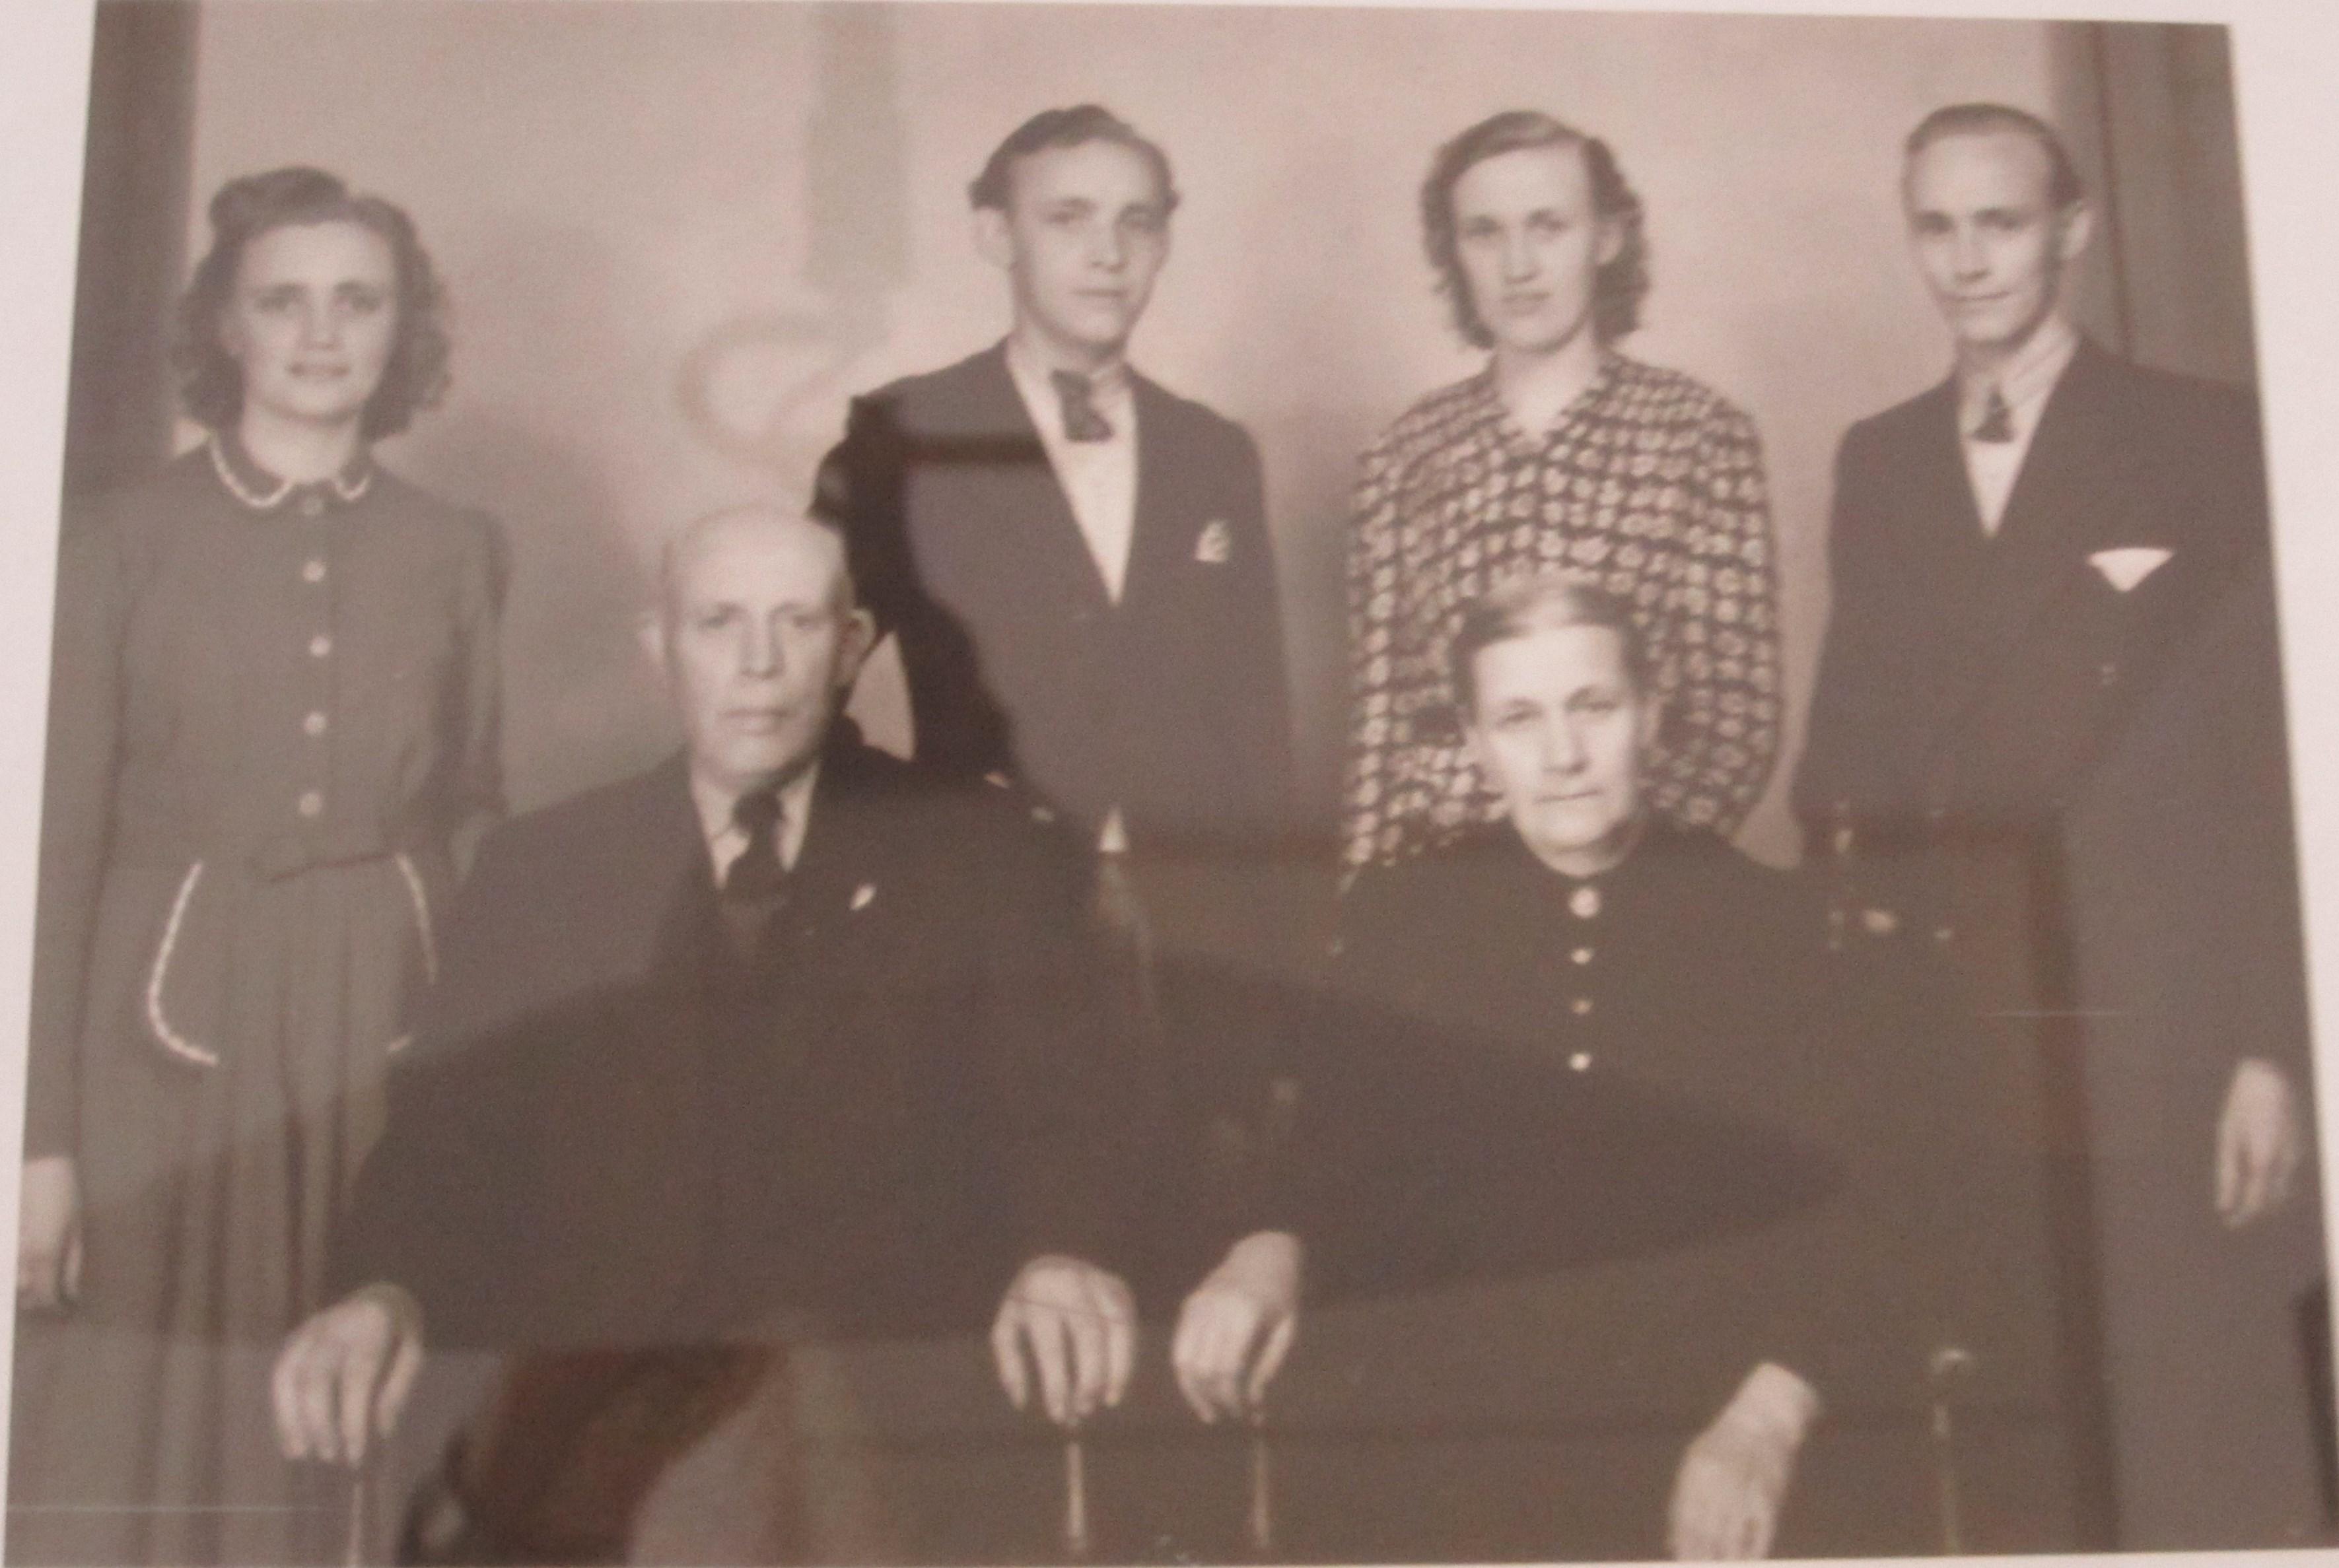 22-5-1949 25 Jr. Huwelijk, Wilhelmus Merkx (1881-1978) en Elisabeth Merkx- van Veggel (1892-1965)